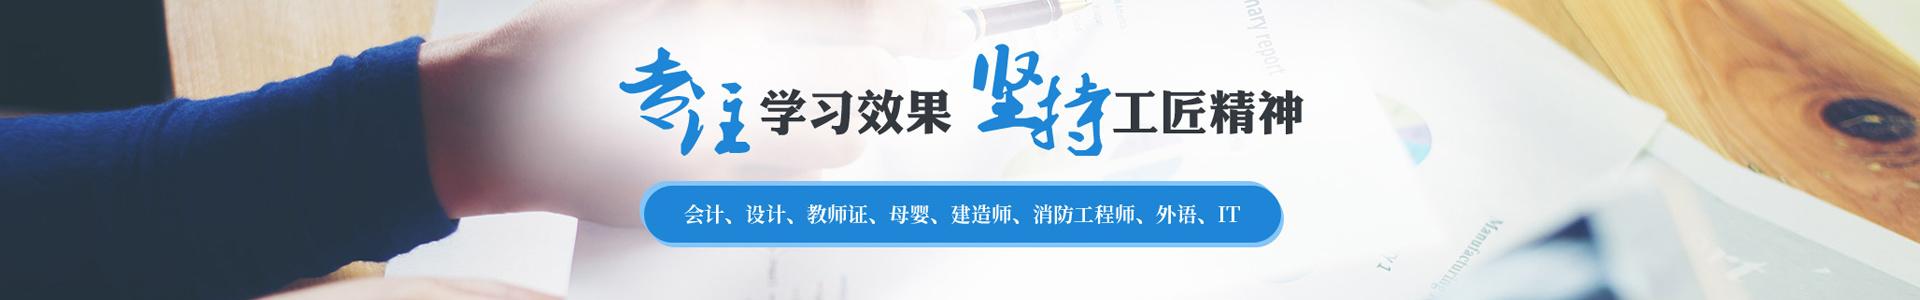 江蘇上元培訓學校